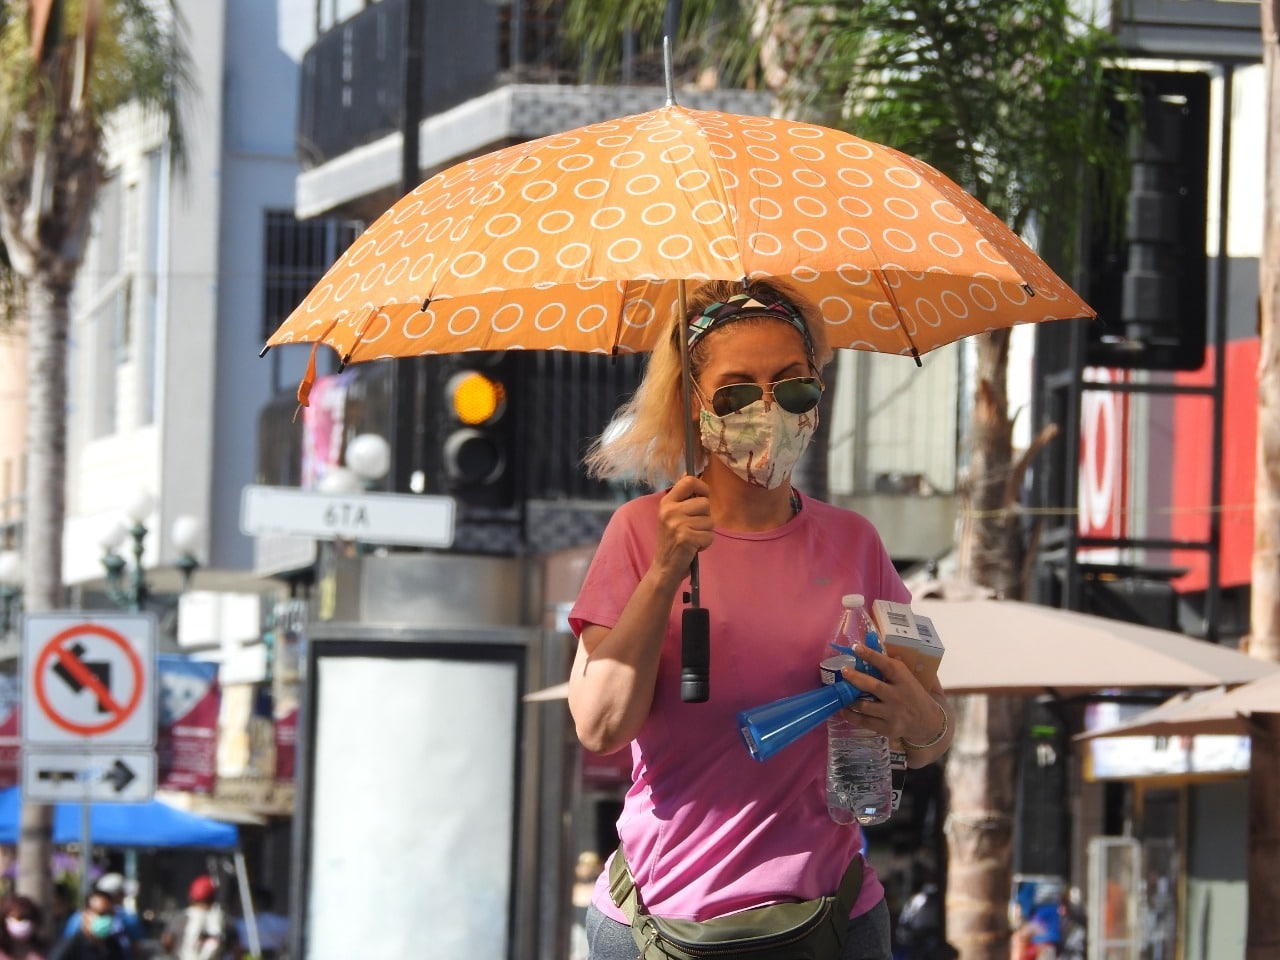 Habrá-altas-temperaturas-este-fin-de-semana